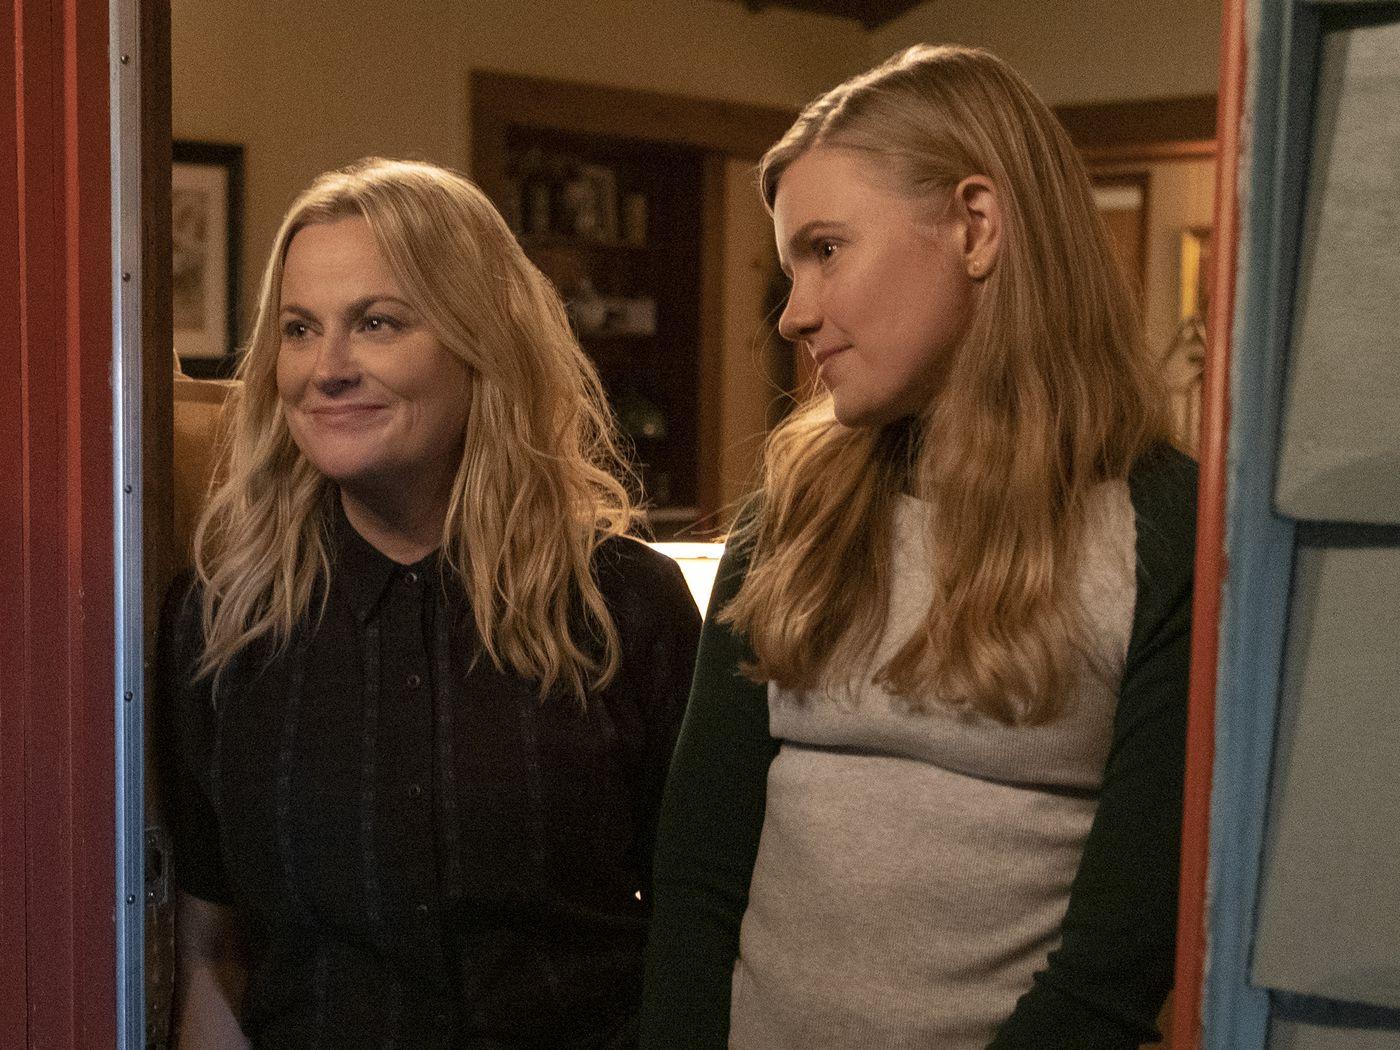 Cena do filme na qual estão em tela, da esquerda para a direita, Lisa (Amy Poehler) e Vivan (Hadley Robinson) na porta da casa das personagens. Lisa é uma mulher adulta, branca, loira, de olhos claros, mais baixa que a filha, usa uma camisa preta e sorri sem mostrar os dentes. Vivian está ao lado quase em perfil. É uma adolescente loira e branca, que usa uma blusa cinza com um moletom preto.